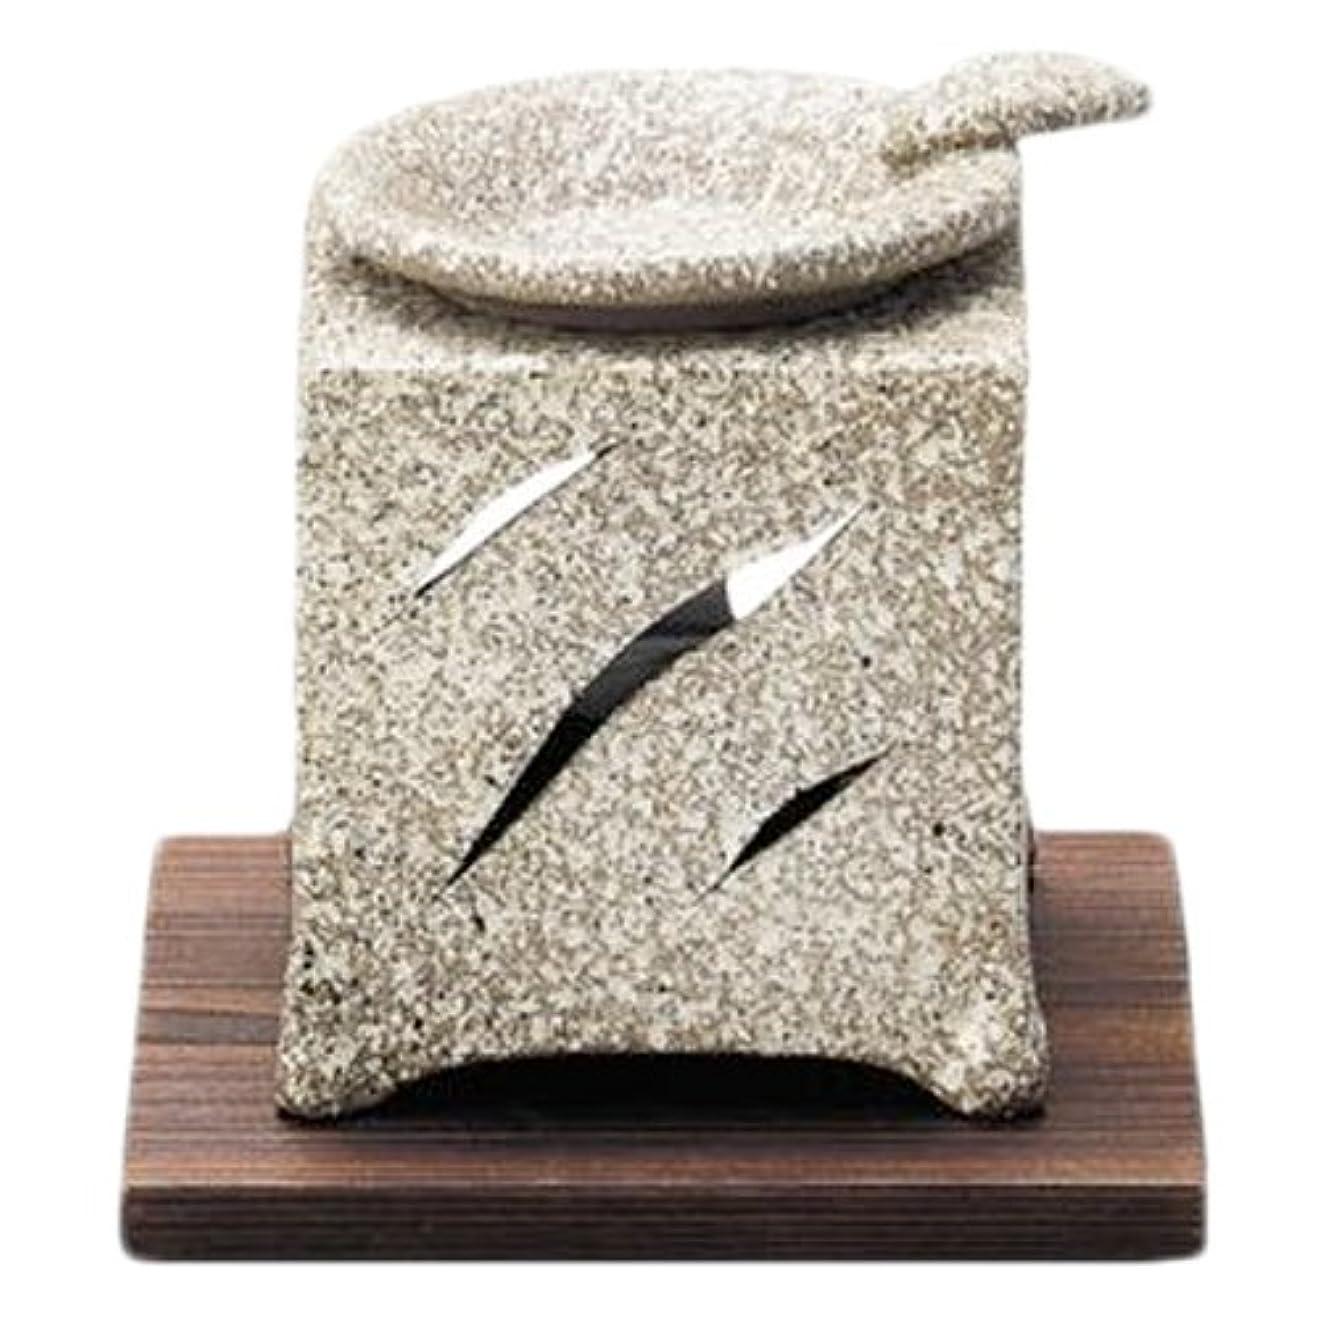 アンドリューハリディハント飲料常滑焼5-261山房 石風角形茶香炉 AM-T1054